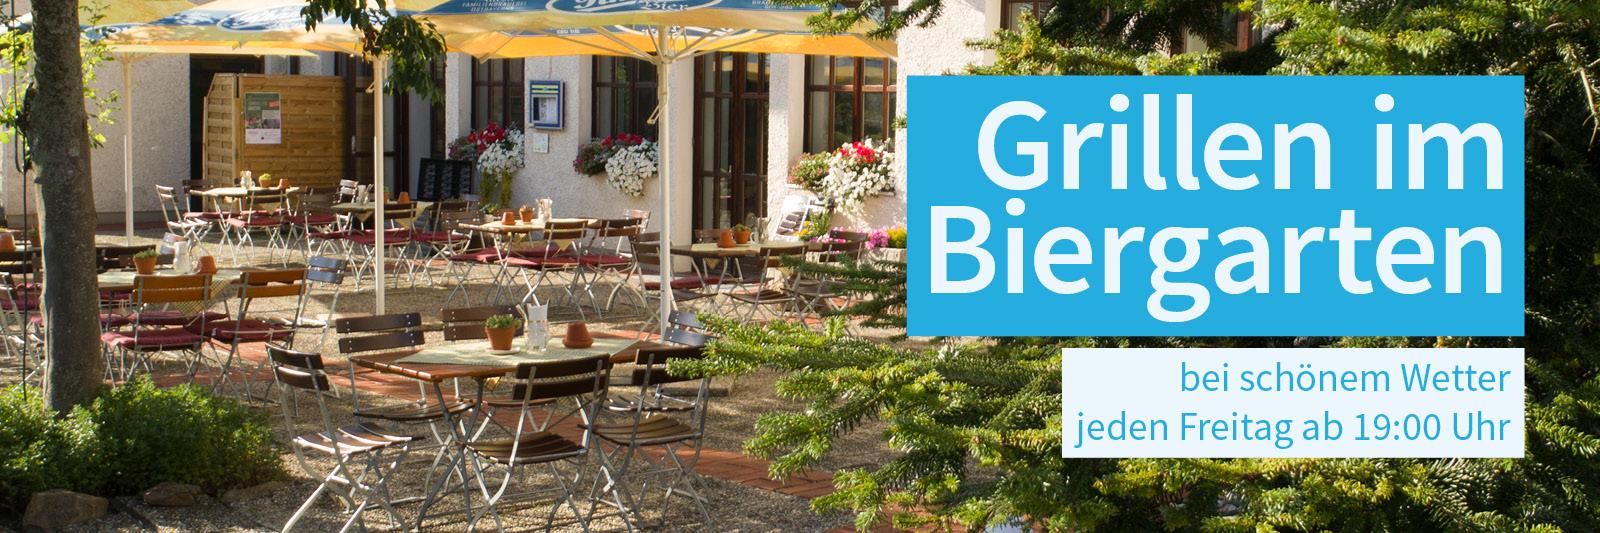 Jeden Freitag bei schönem Wetter grillen wir in unserem Biergarten für Sie